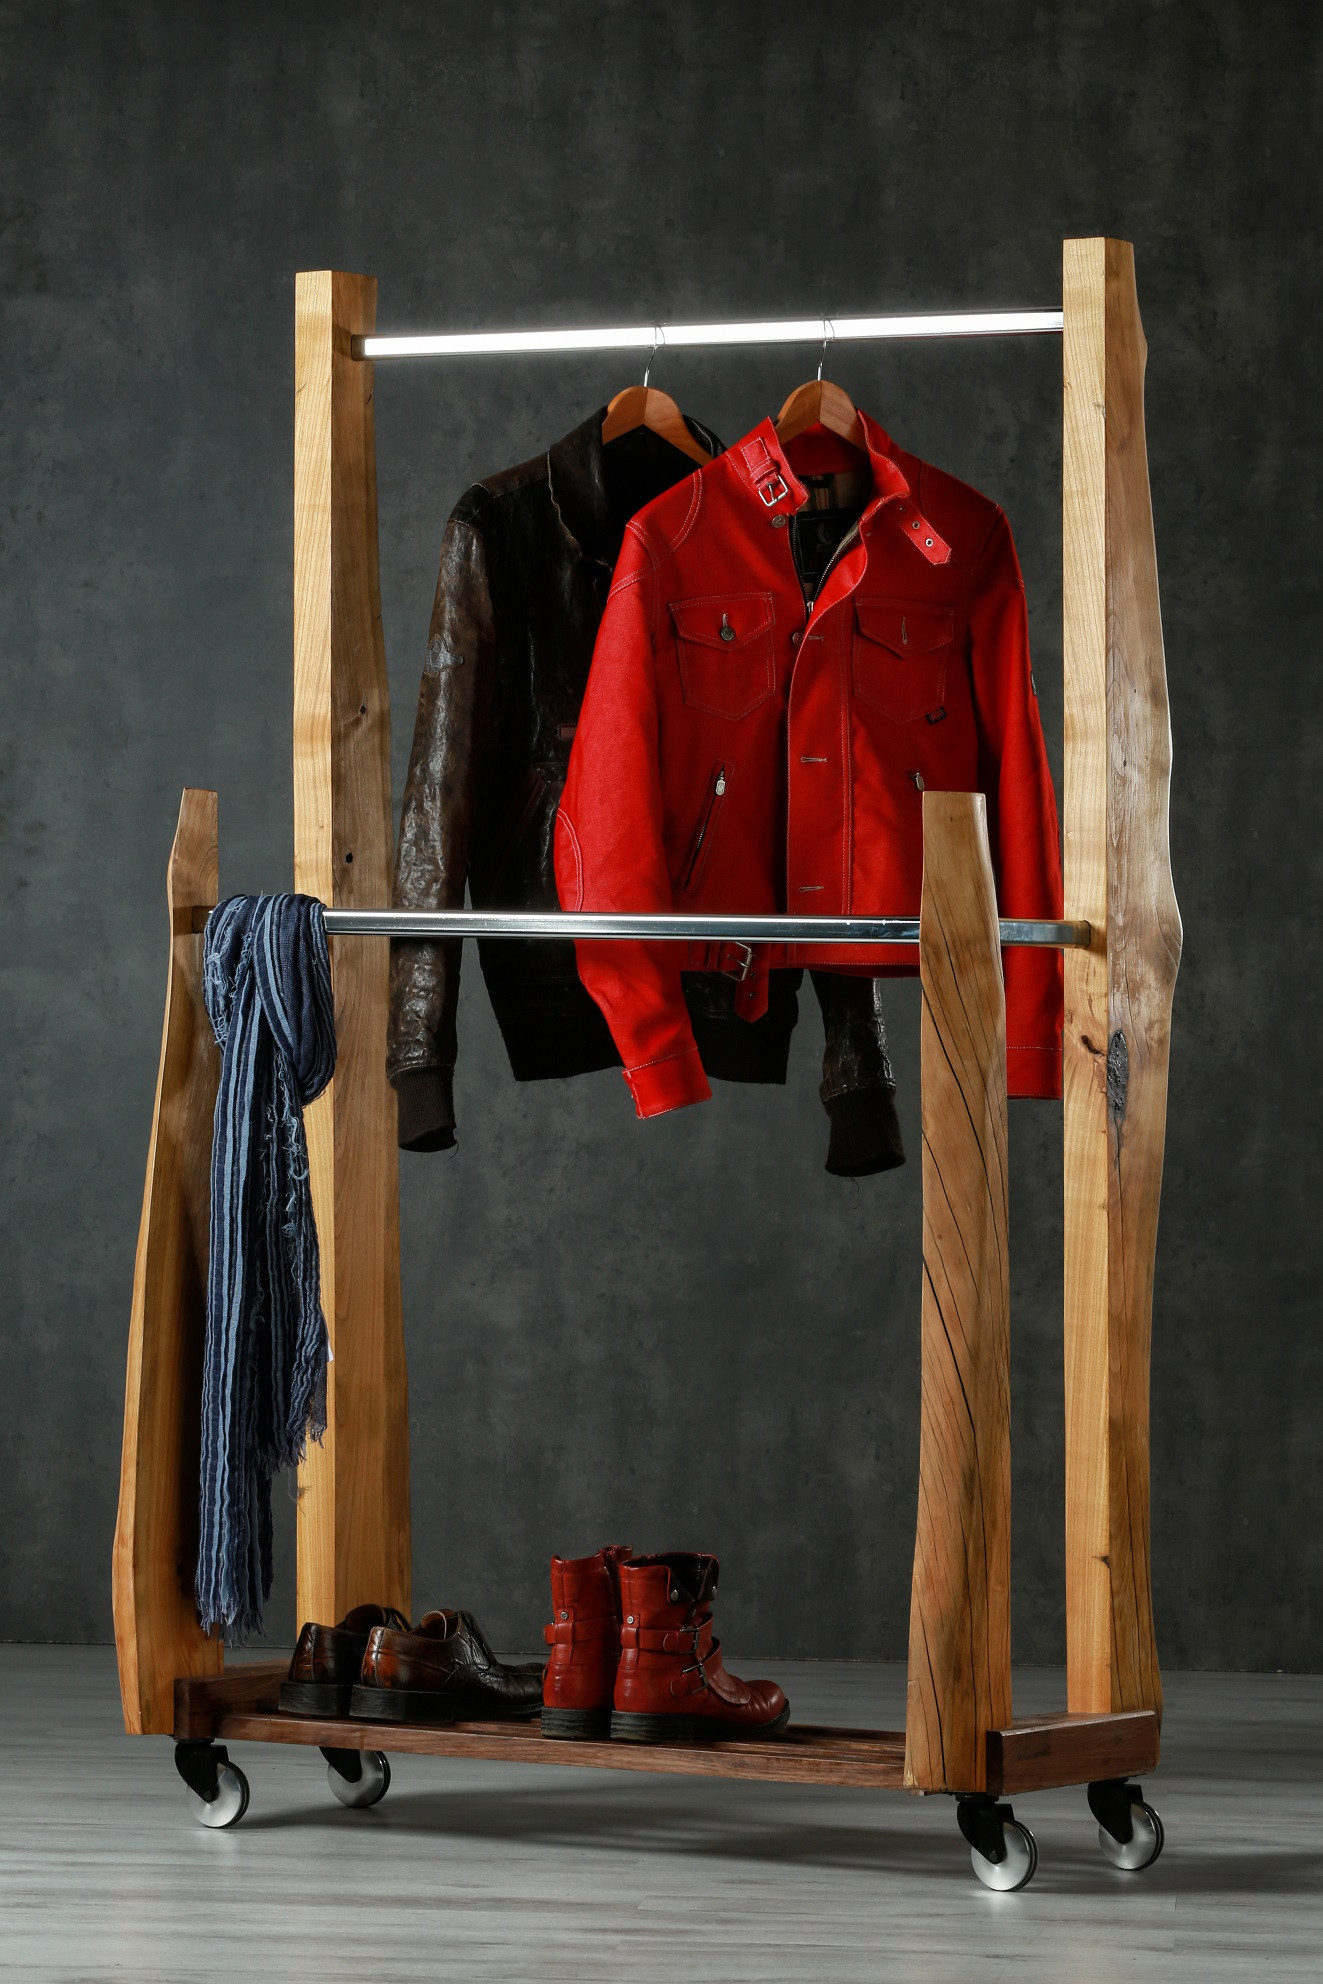 einzigartiges mit stil marcus dreher kleiderst nder wald. Black Bedroom Furniture Sets. Home Design Ideas